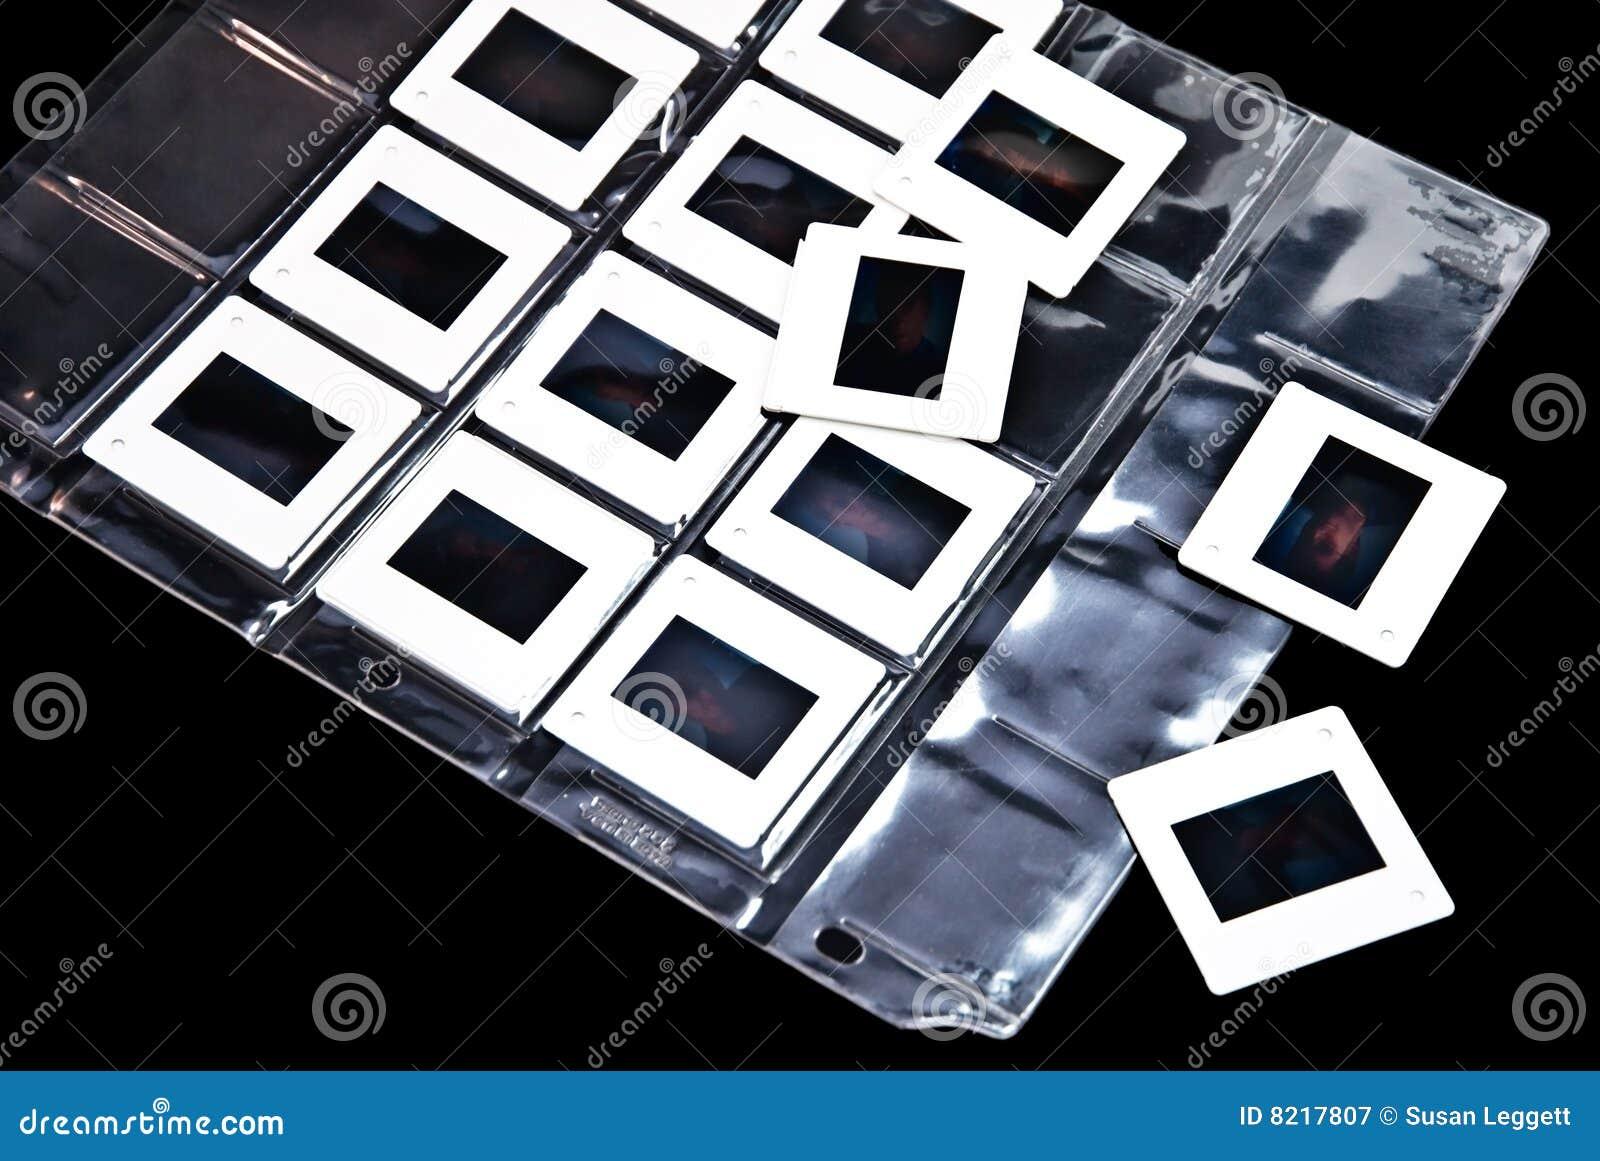 Trasparenze di pellicola della foto in plastica immagine stock